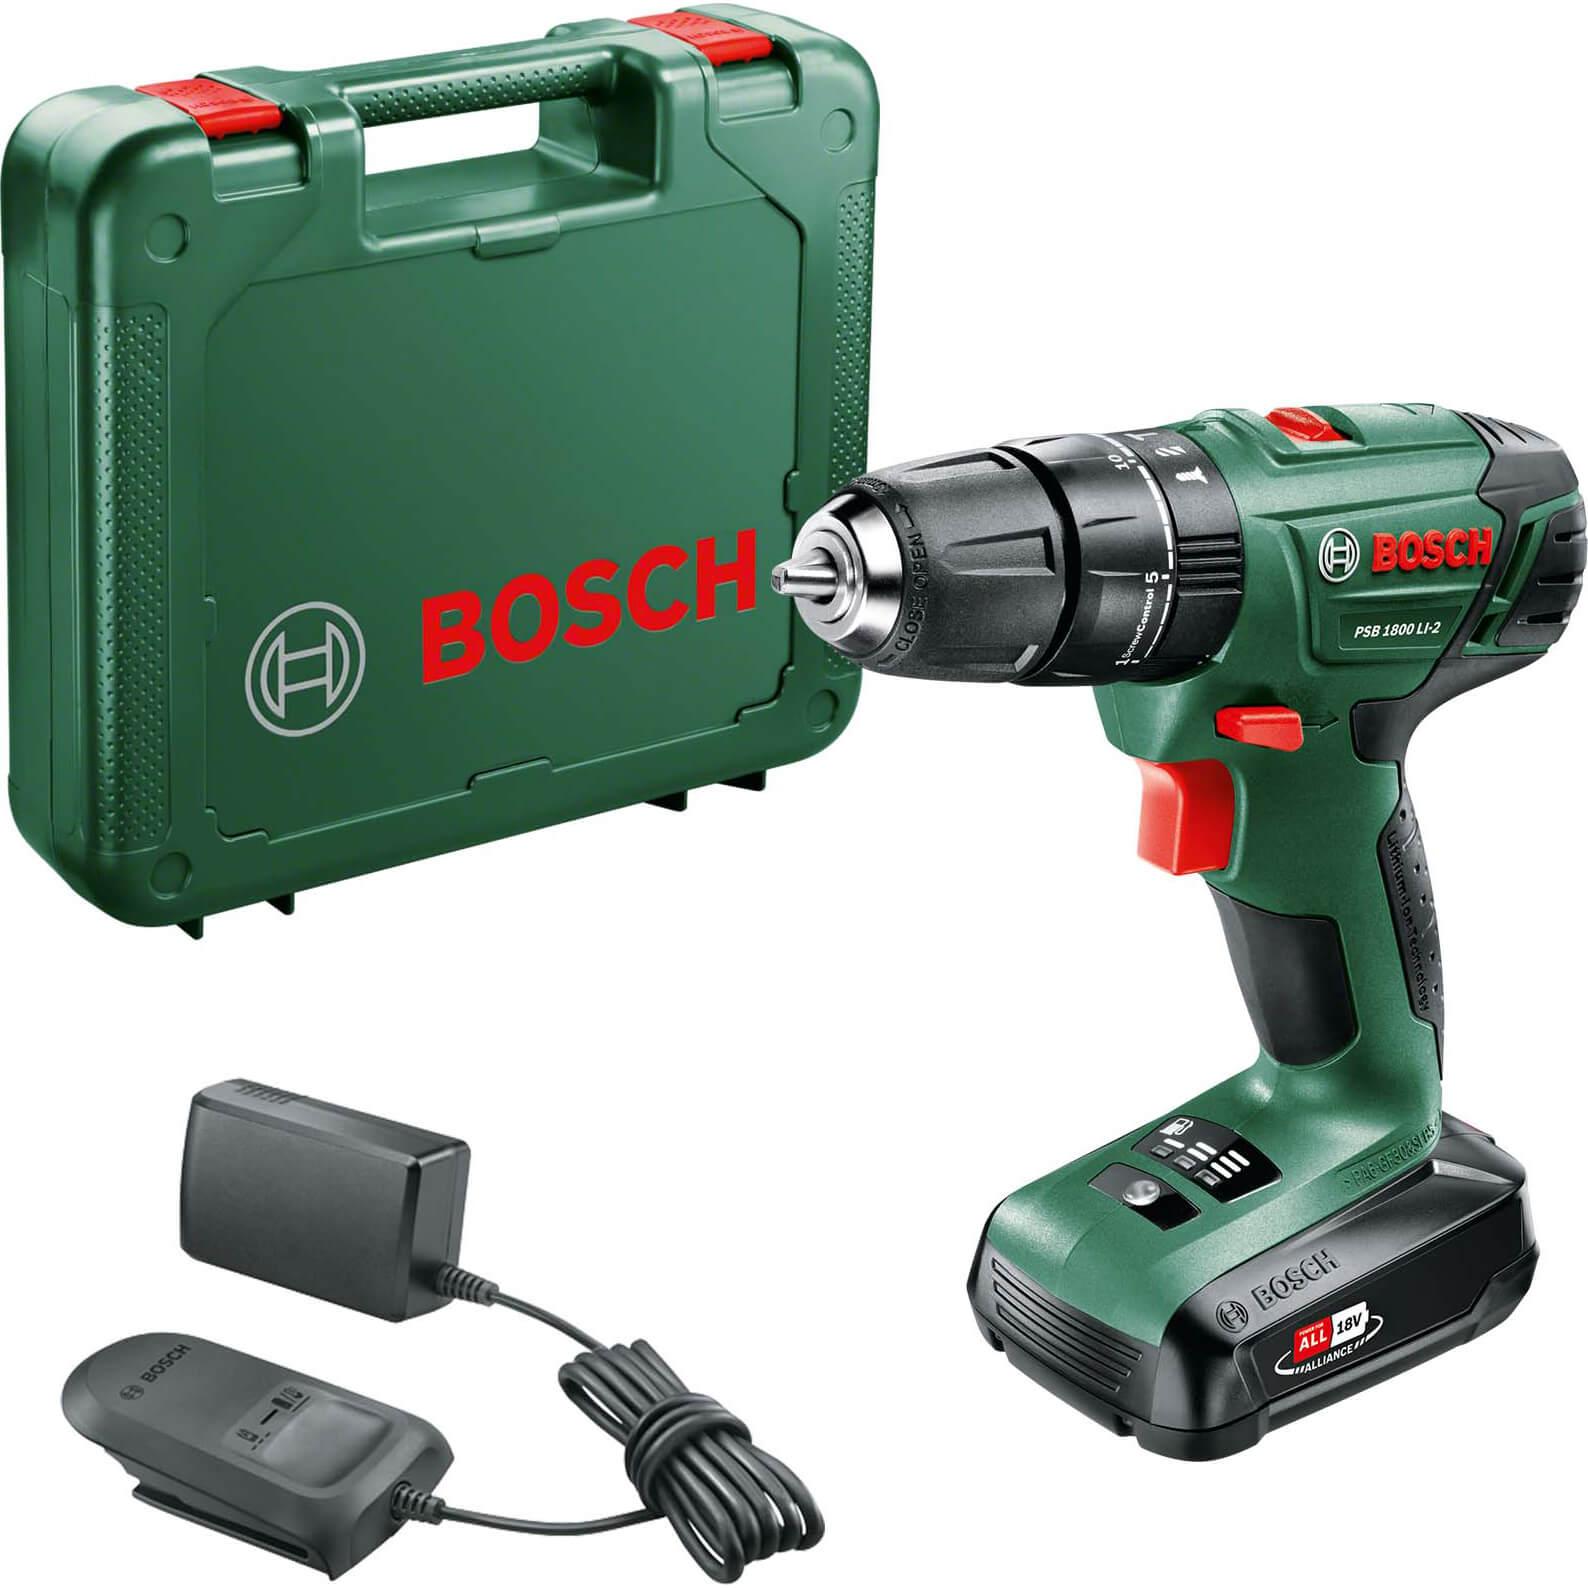 Bosch PSB 1800 LI2 18v Cordless Combi Drill 1 x 1.5ah Liion Charger Case